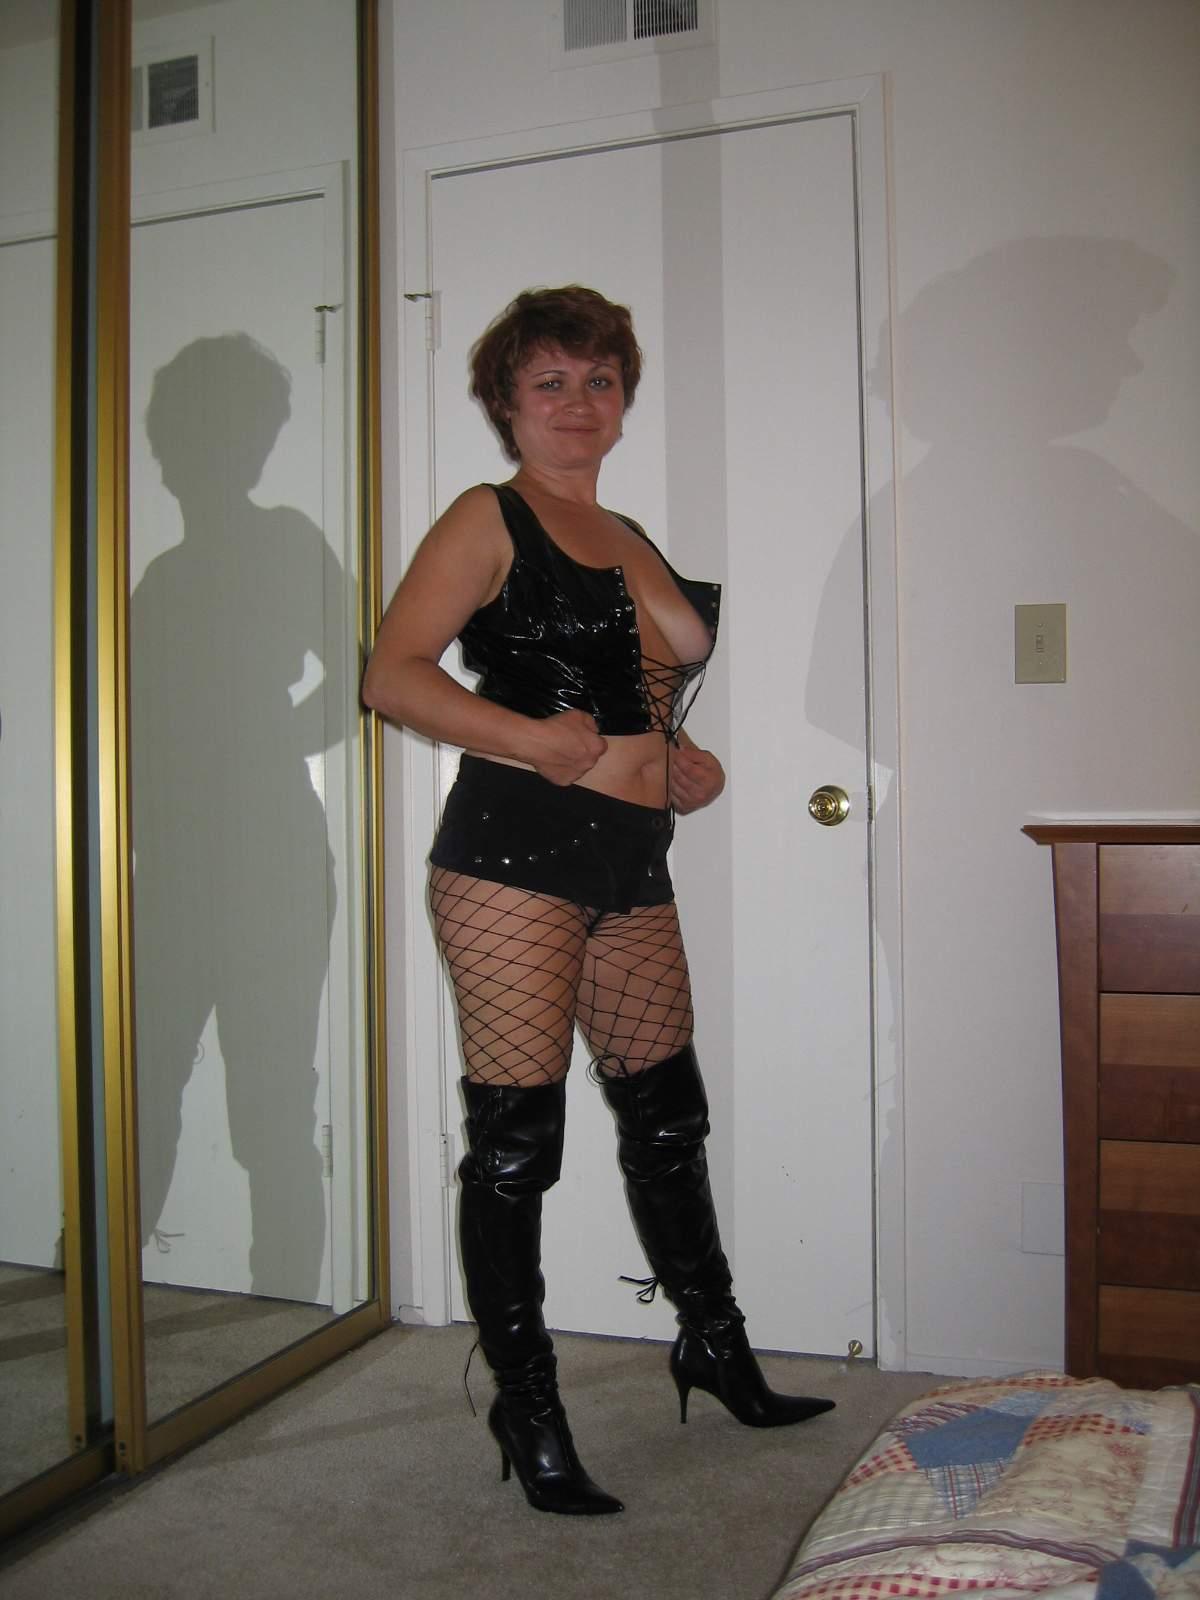 Развратная пожилая женщина 26 фотография